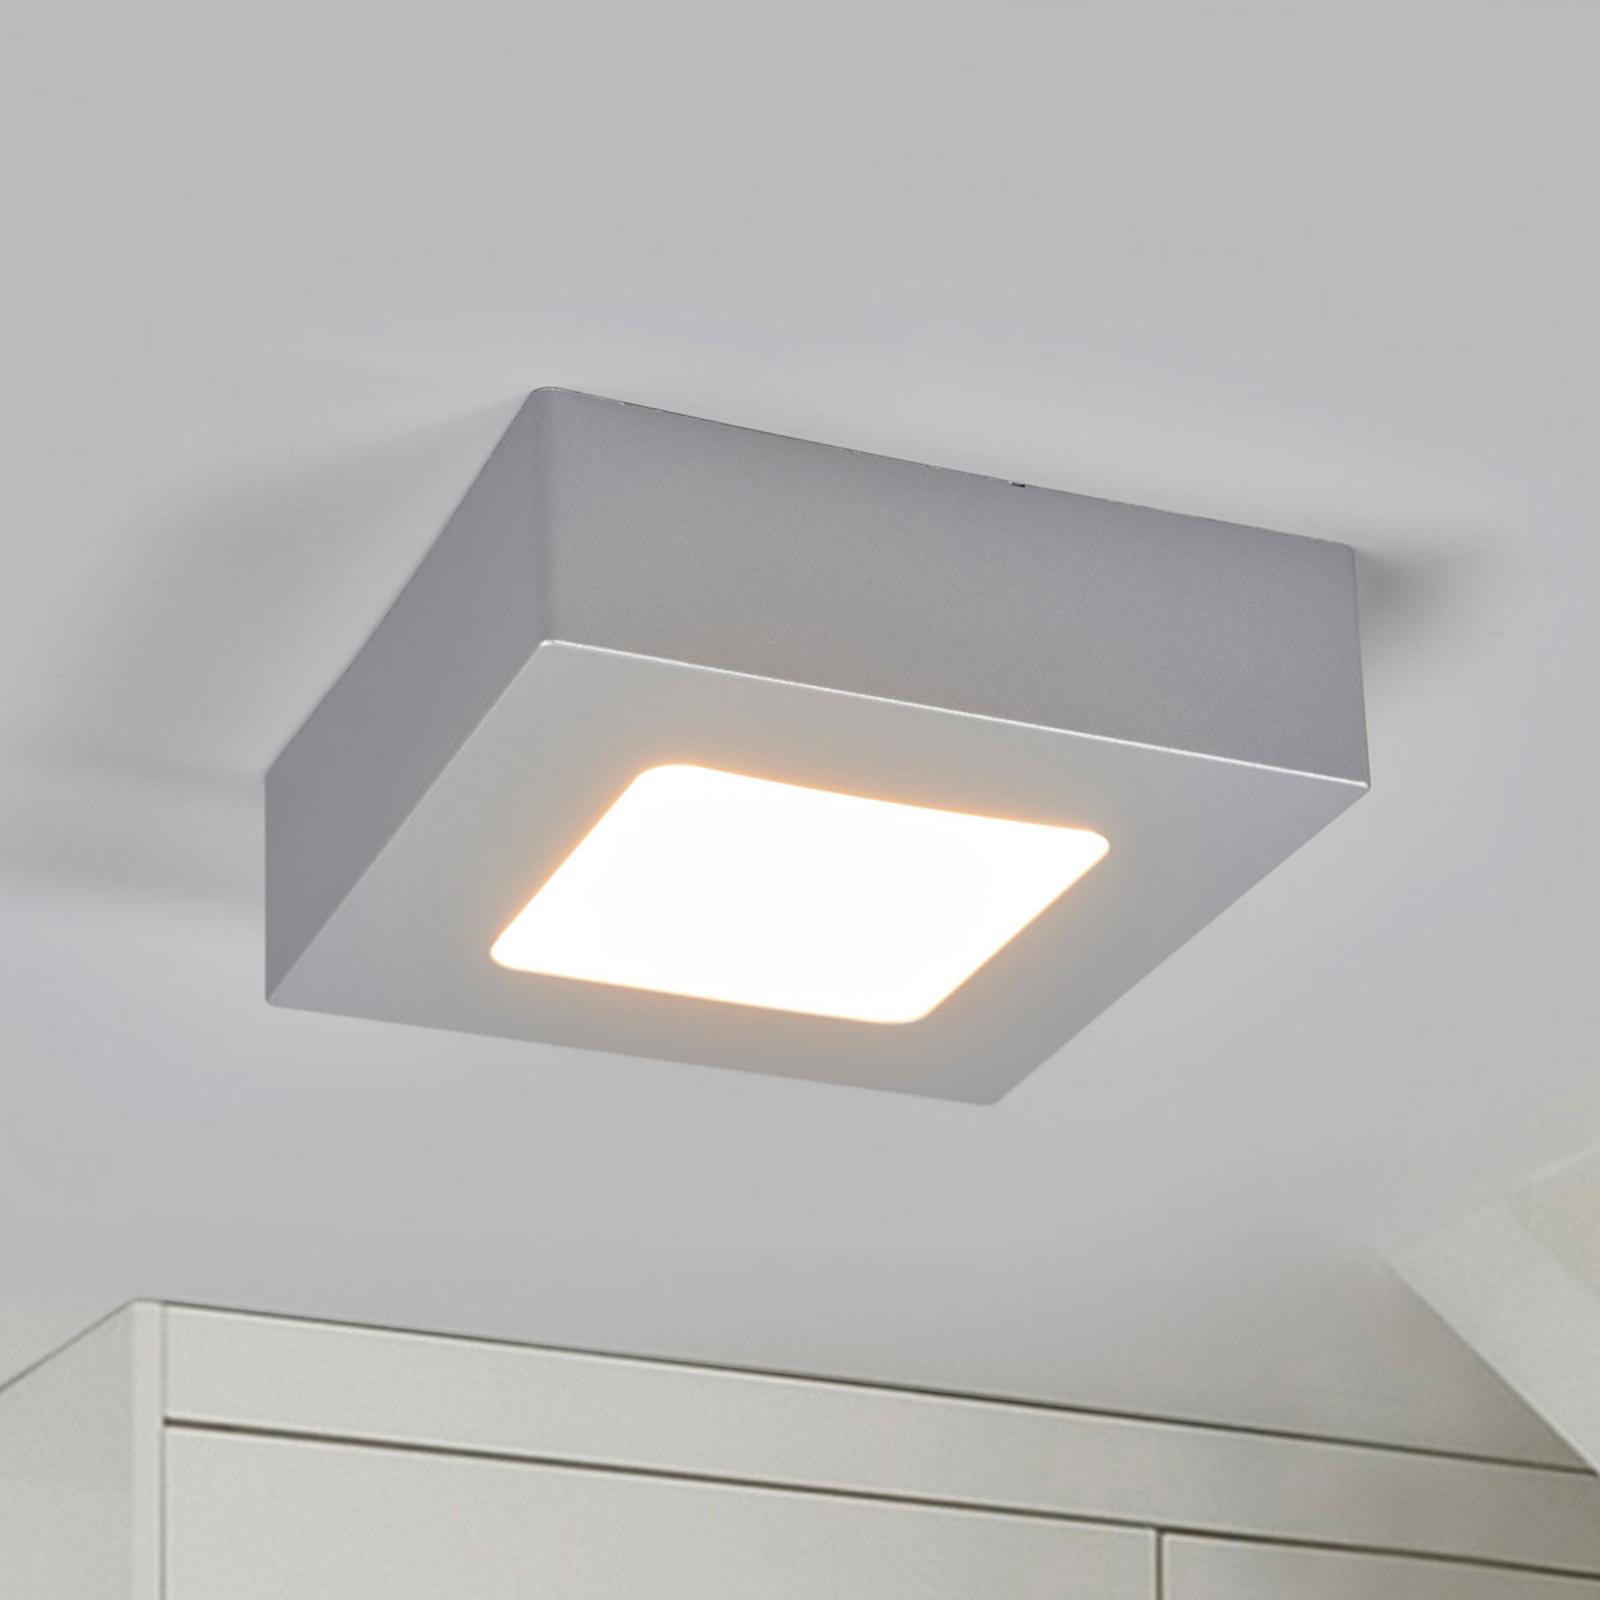 LED-taklampe Marlo sølv 3 000K kantet 12,8cm